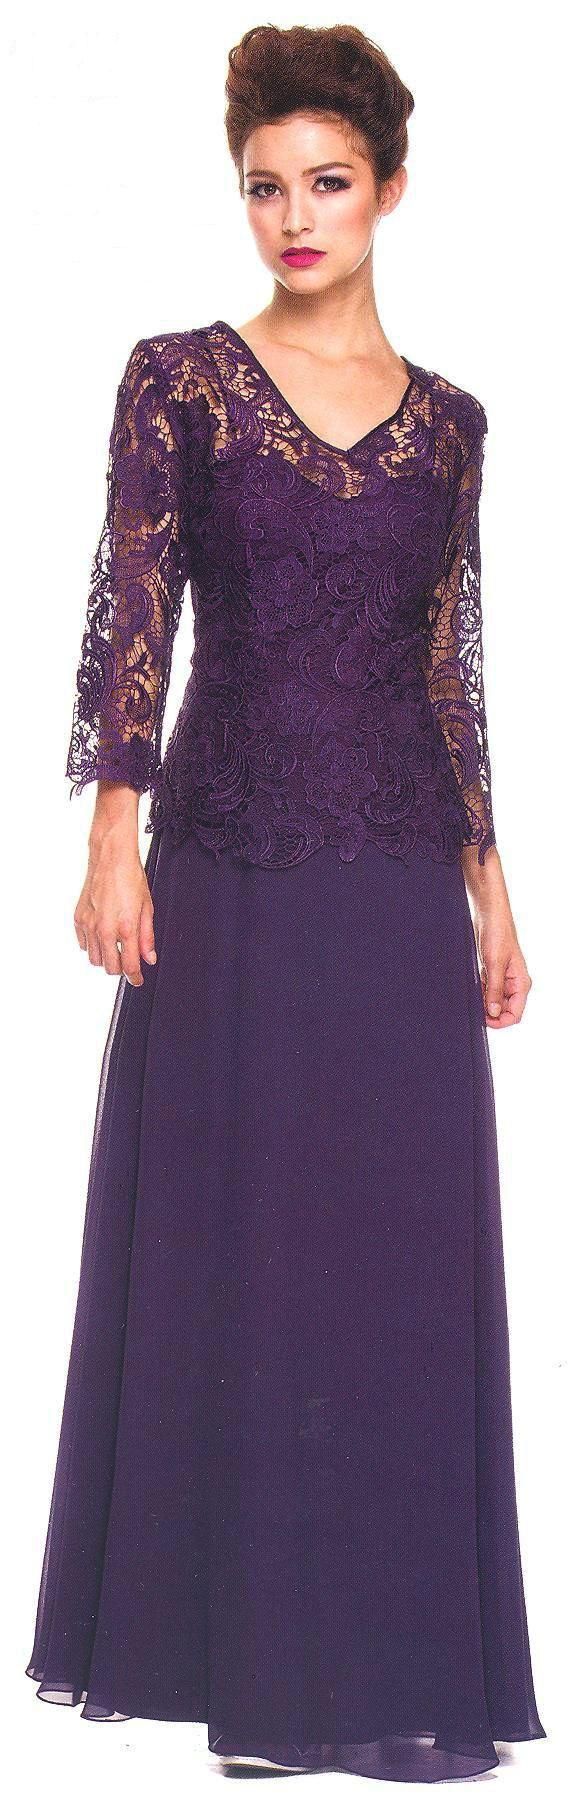 190 best vestidos dama images on Pinterest | Feminine fashion ...